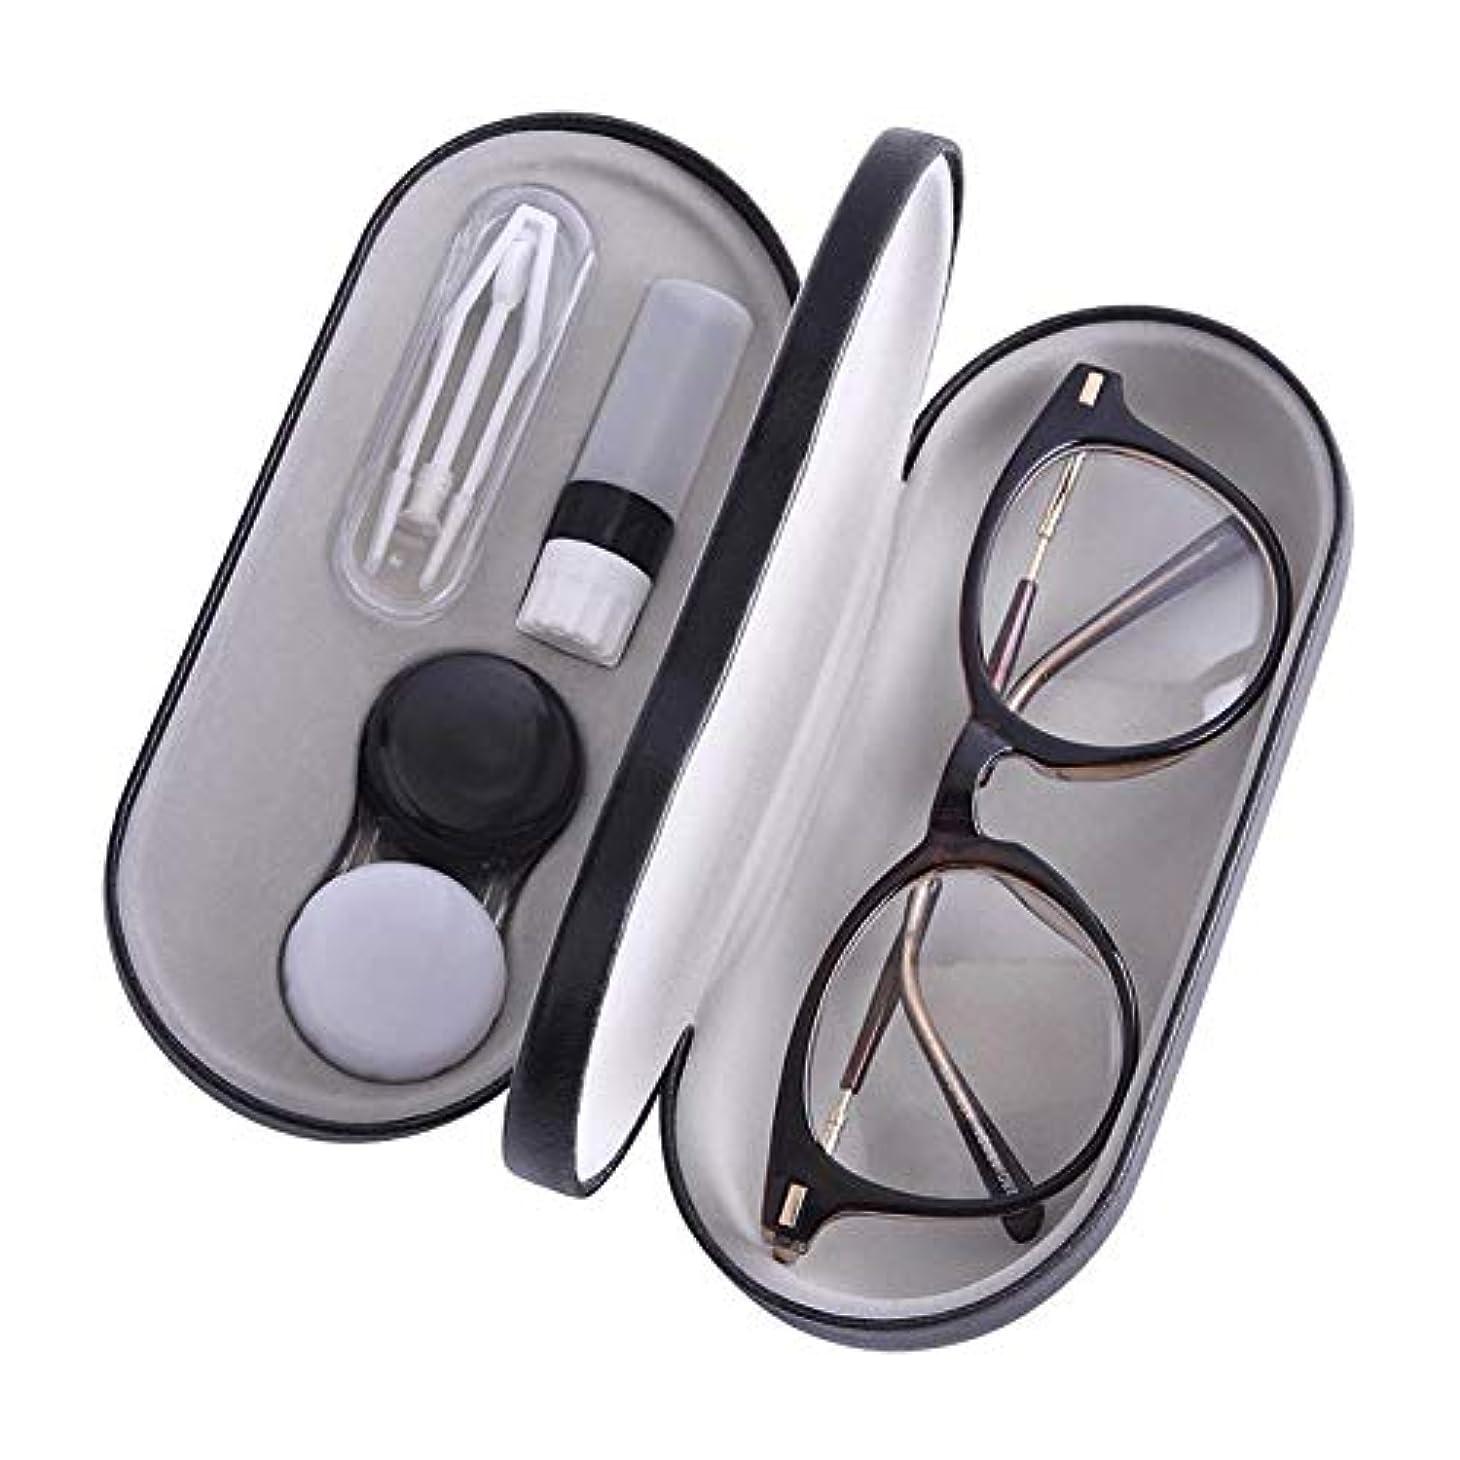 リース一到着コンタクトレンズケーストラベルホームイノベーション両面メガネ収納ボックストラベルセットボックス携帯しやすいミニボックスコンテナコンタクトレンズフレーム